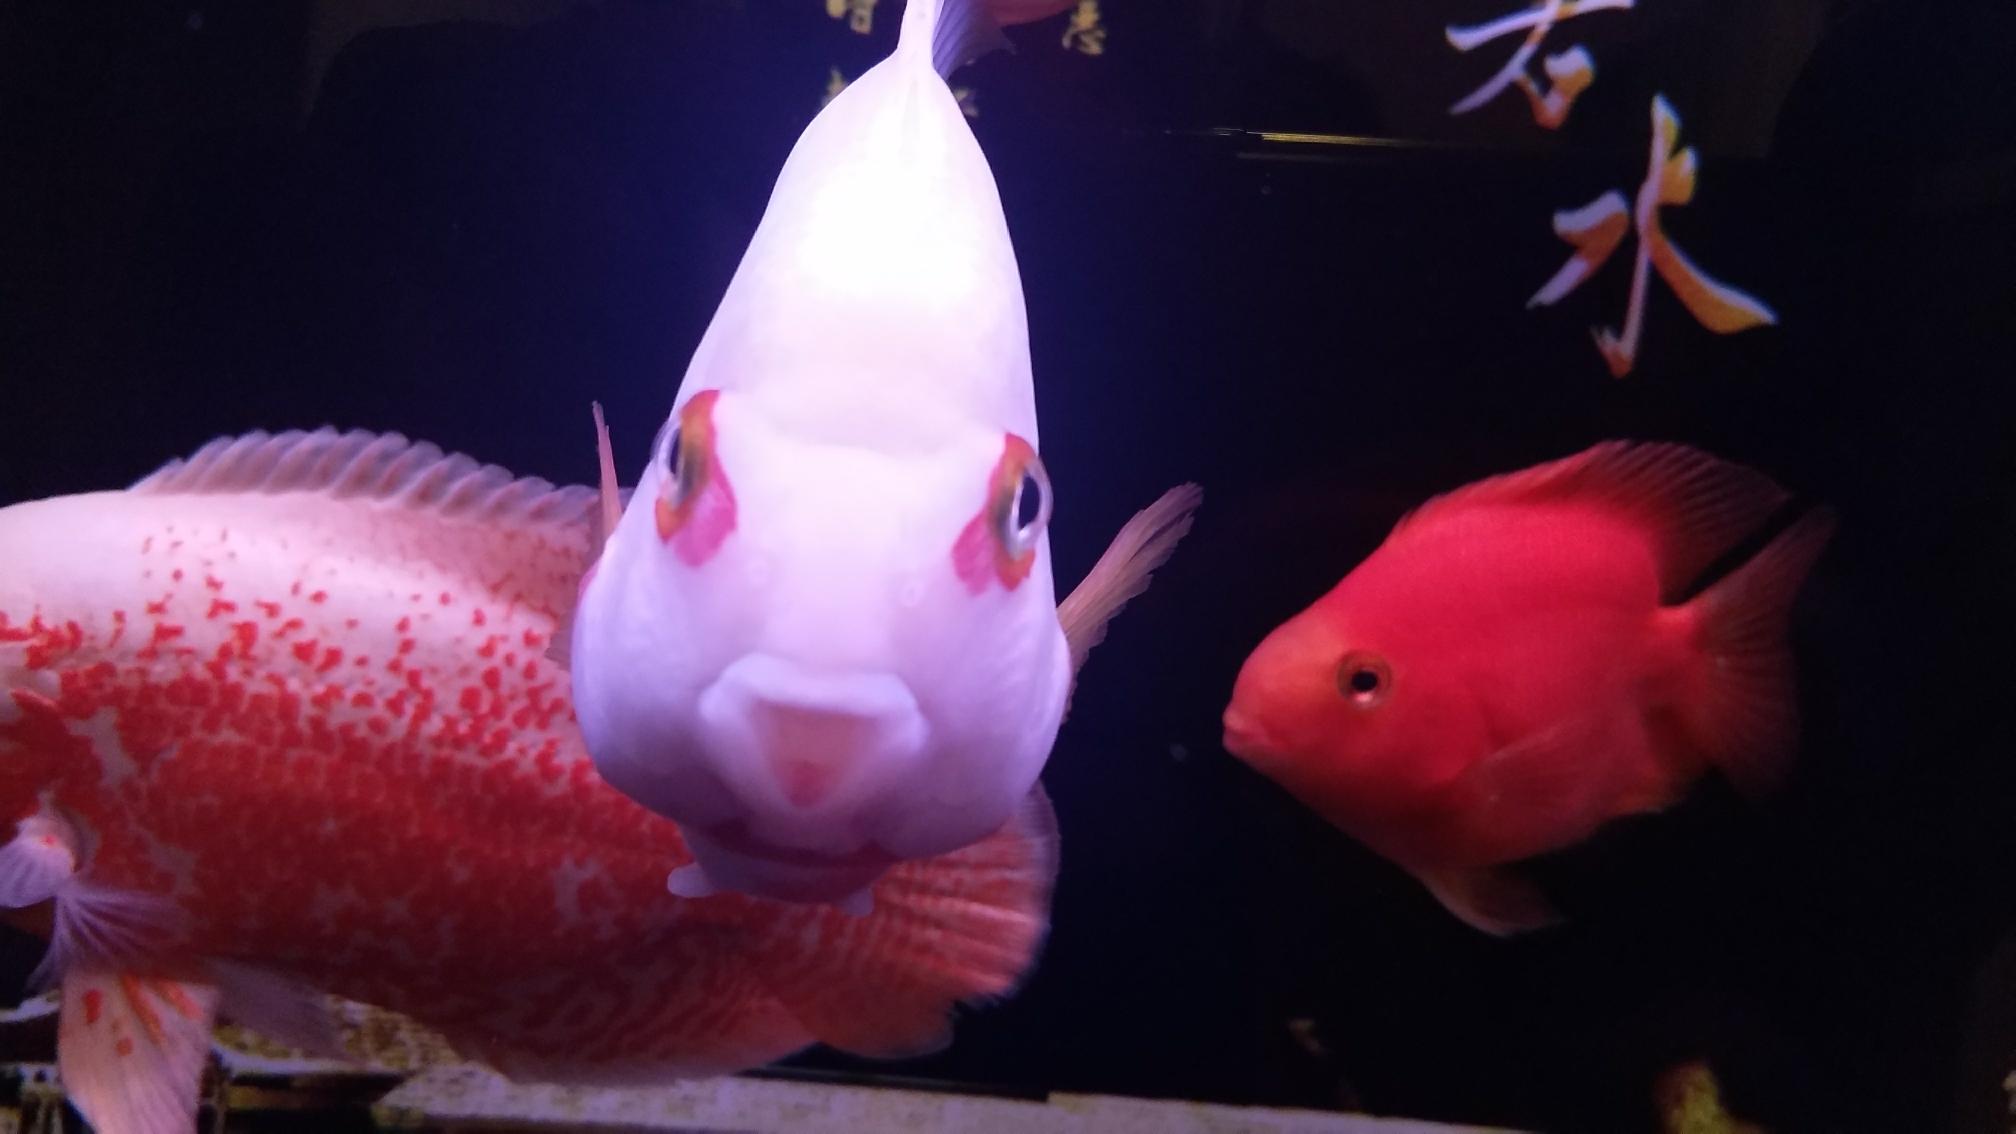 新添红白鹦鹉鱼 合肥观赏鱼 合肥龙鱼第1张